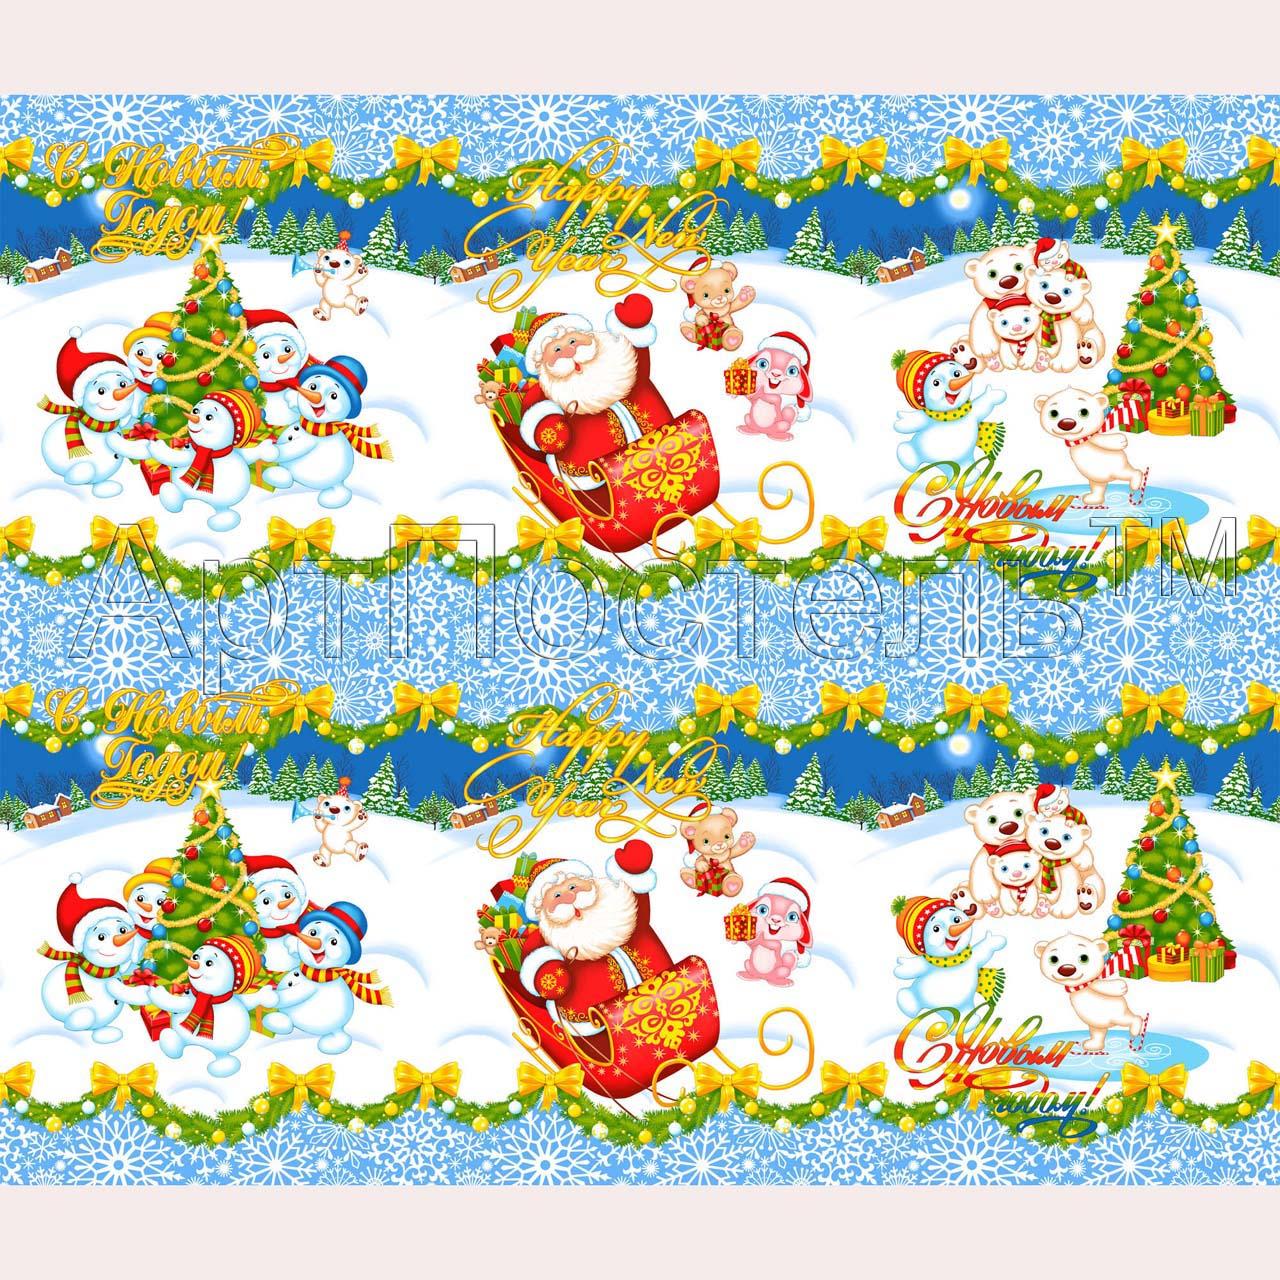 Набор полотенец Зимняя сказка р. 45х60Вафельные полотенца<br>Плотность:160 г/кв. м<br><br>Тип: Набор полотенец<br>Размер: 45х60<br>Материал: Вафельное полотно